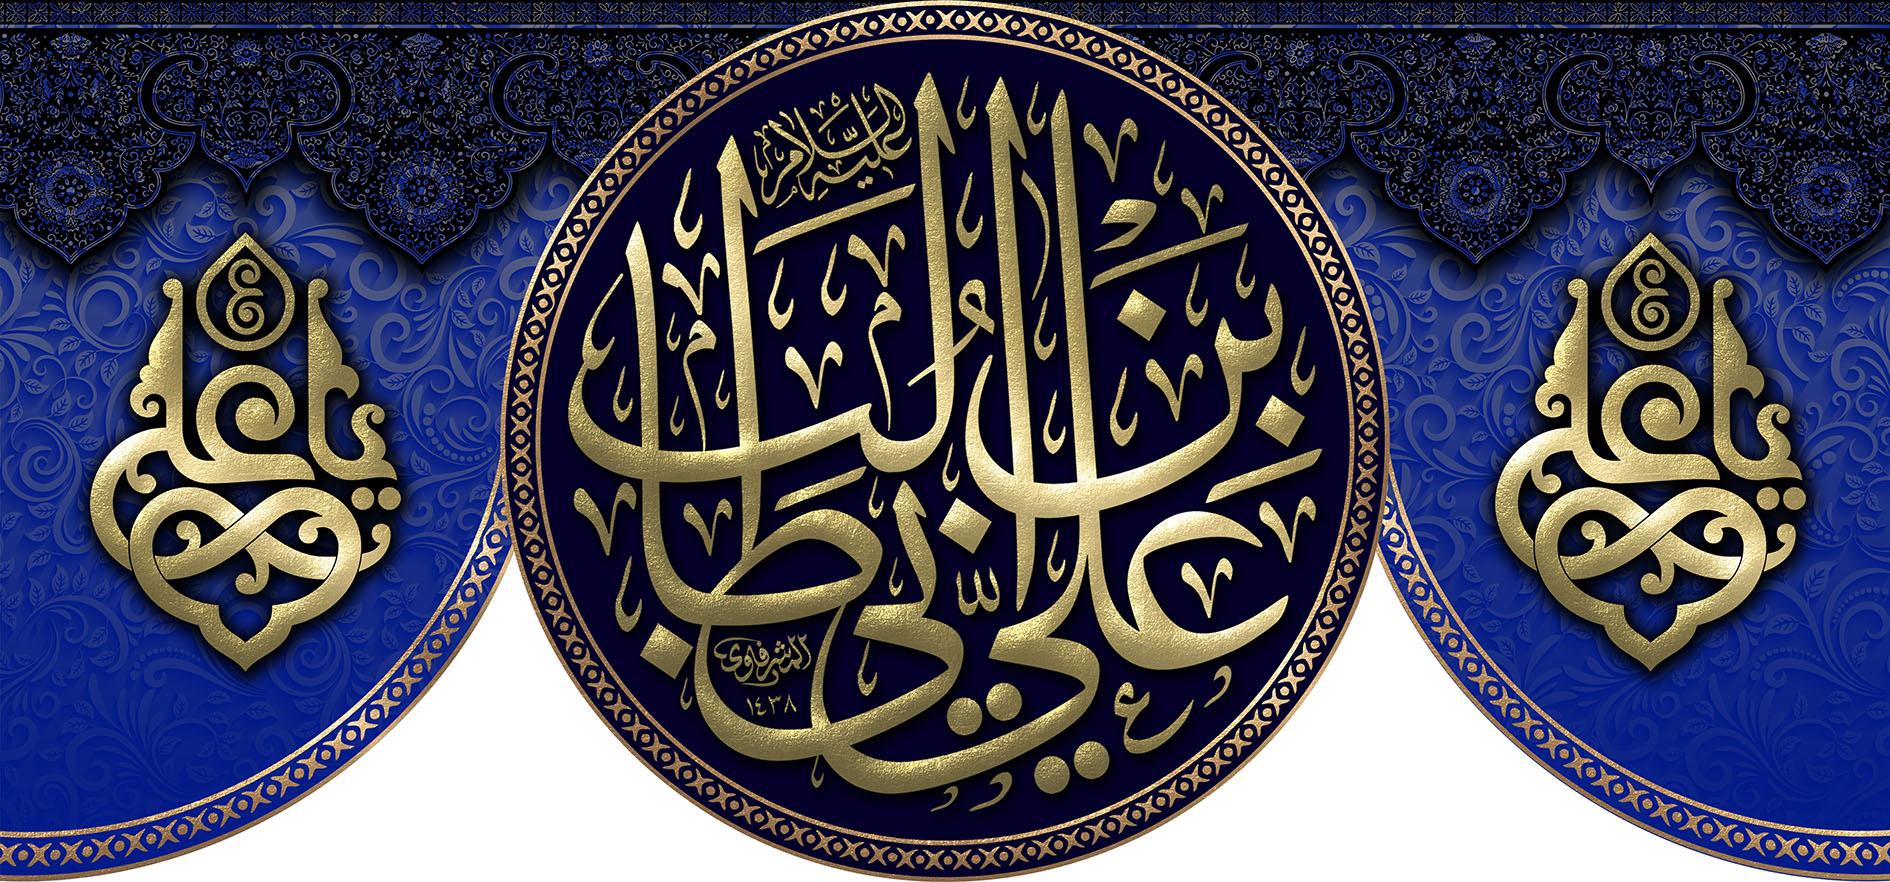 تصویر از پرچم امام علی ( ع ) مدل01543